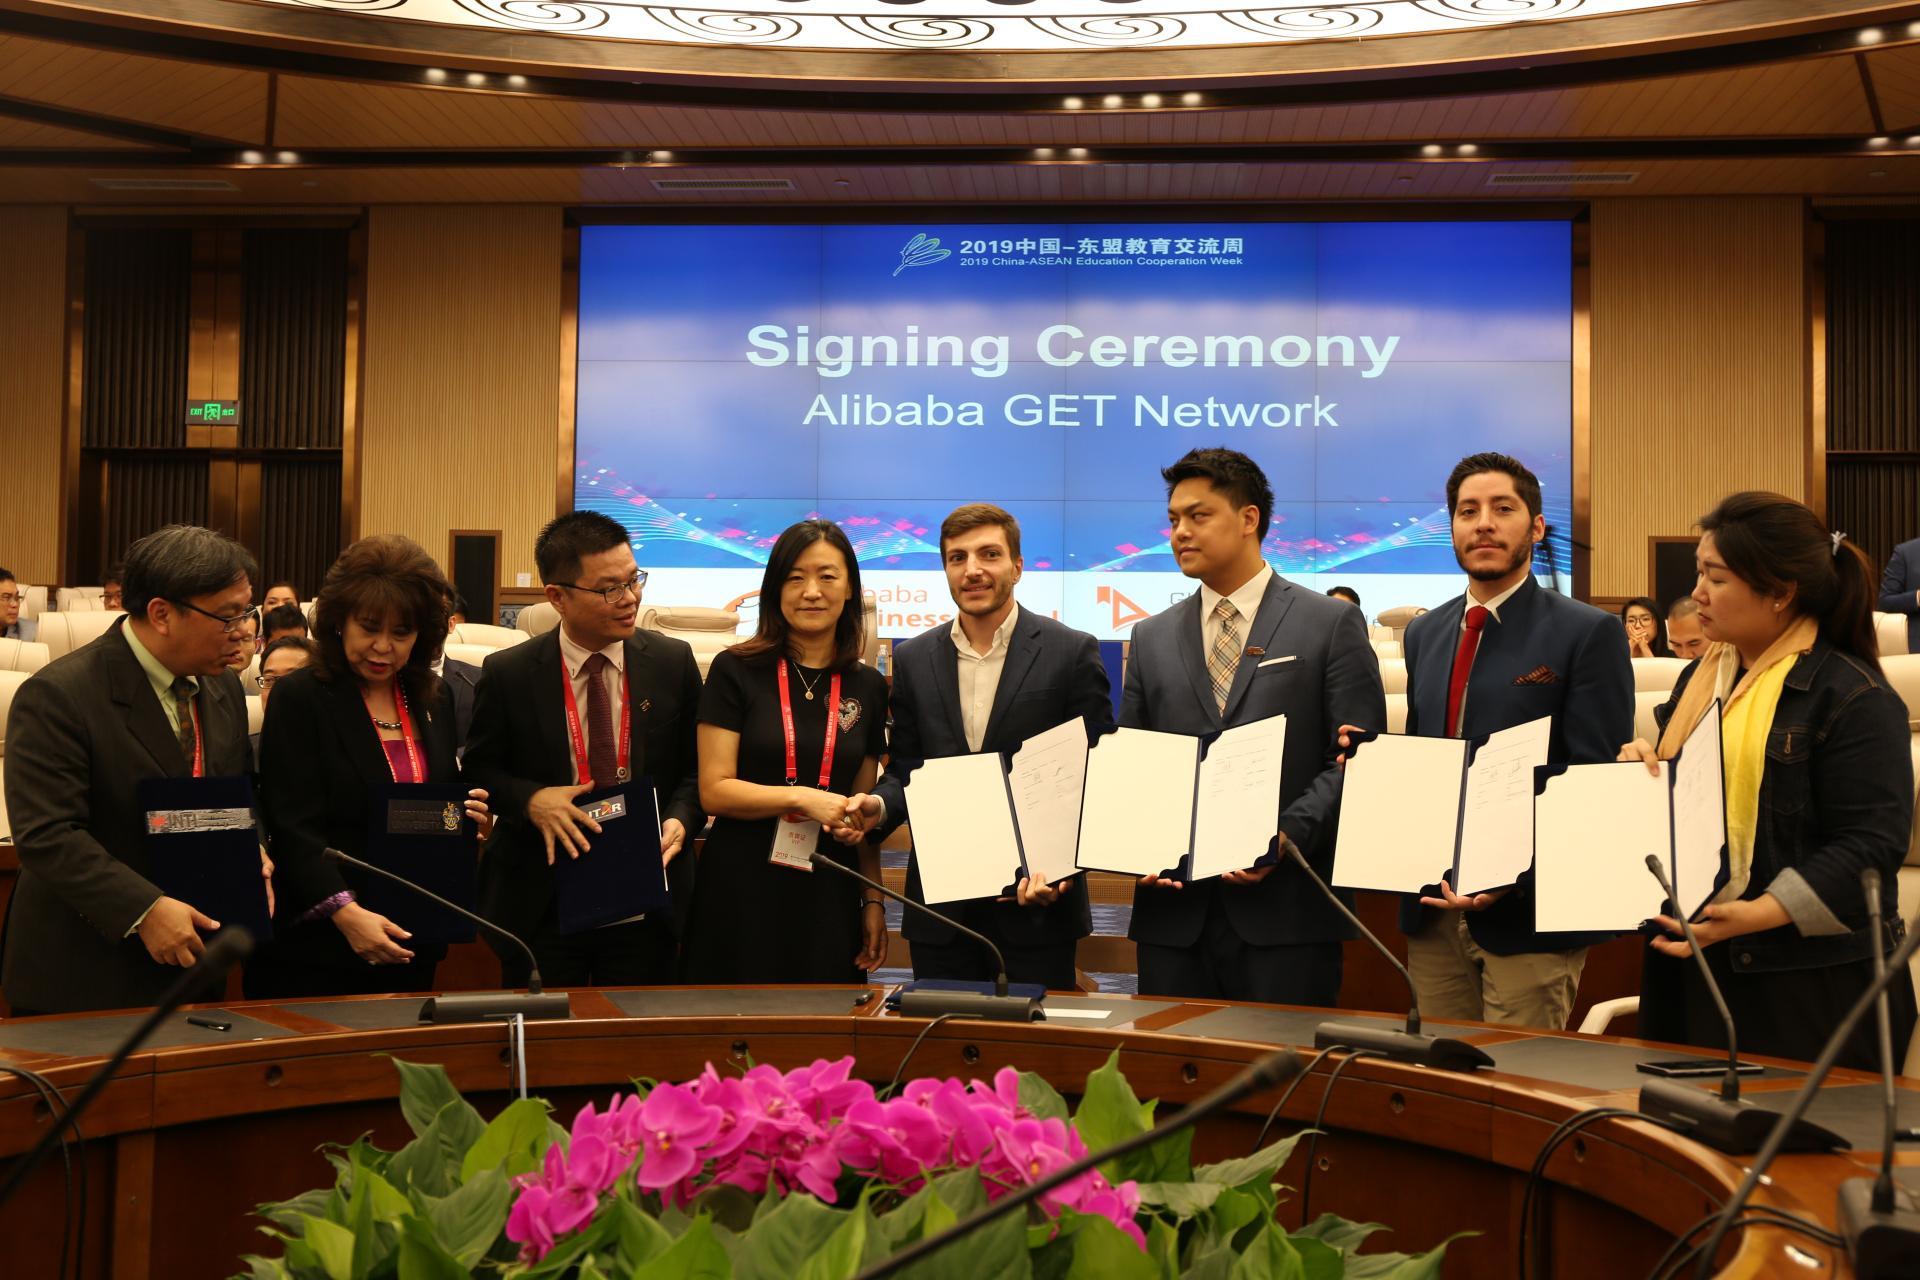 CCN стал официальным провайдером Alibaba GET